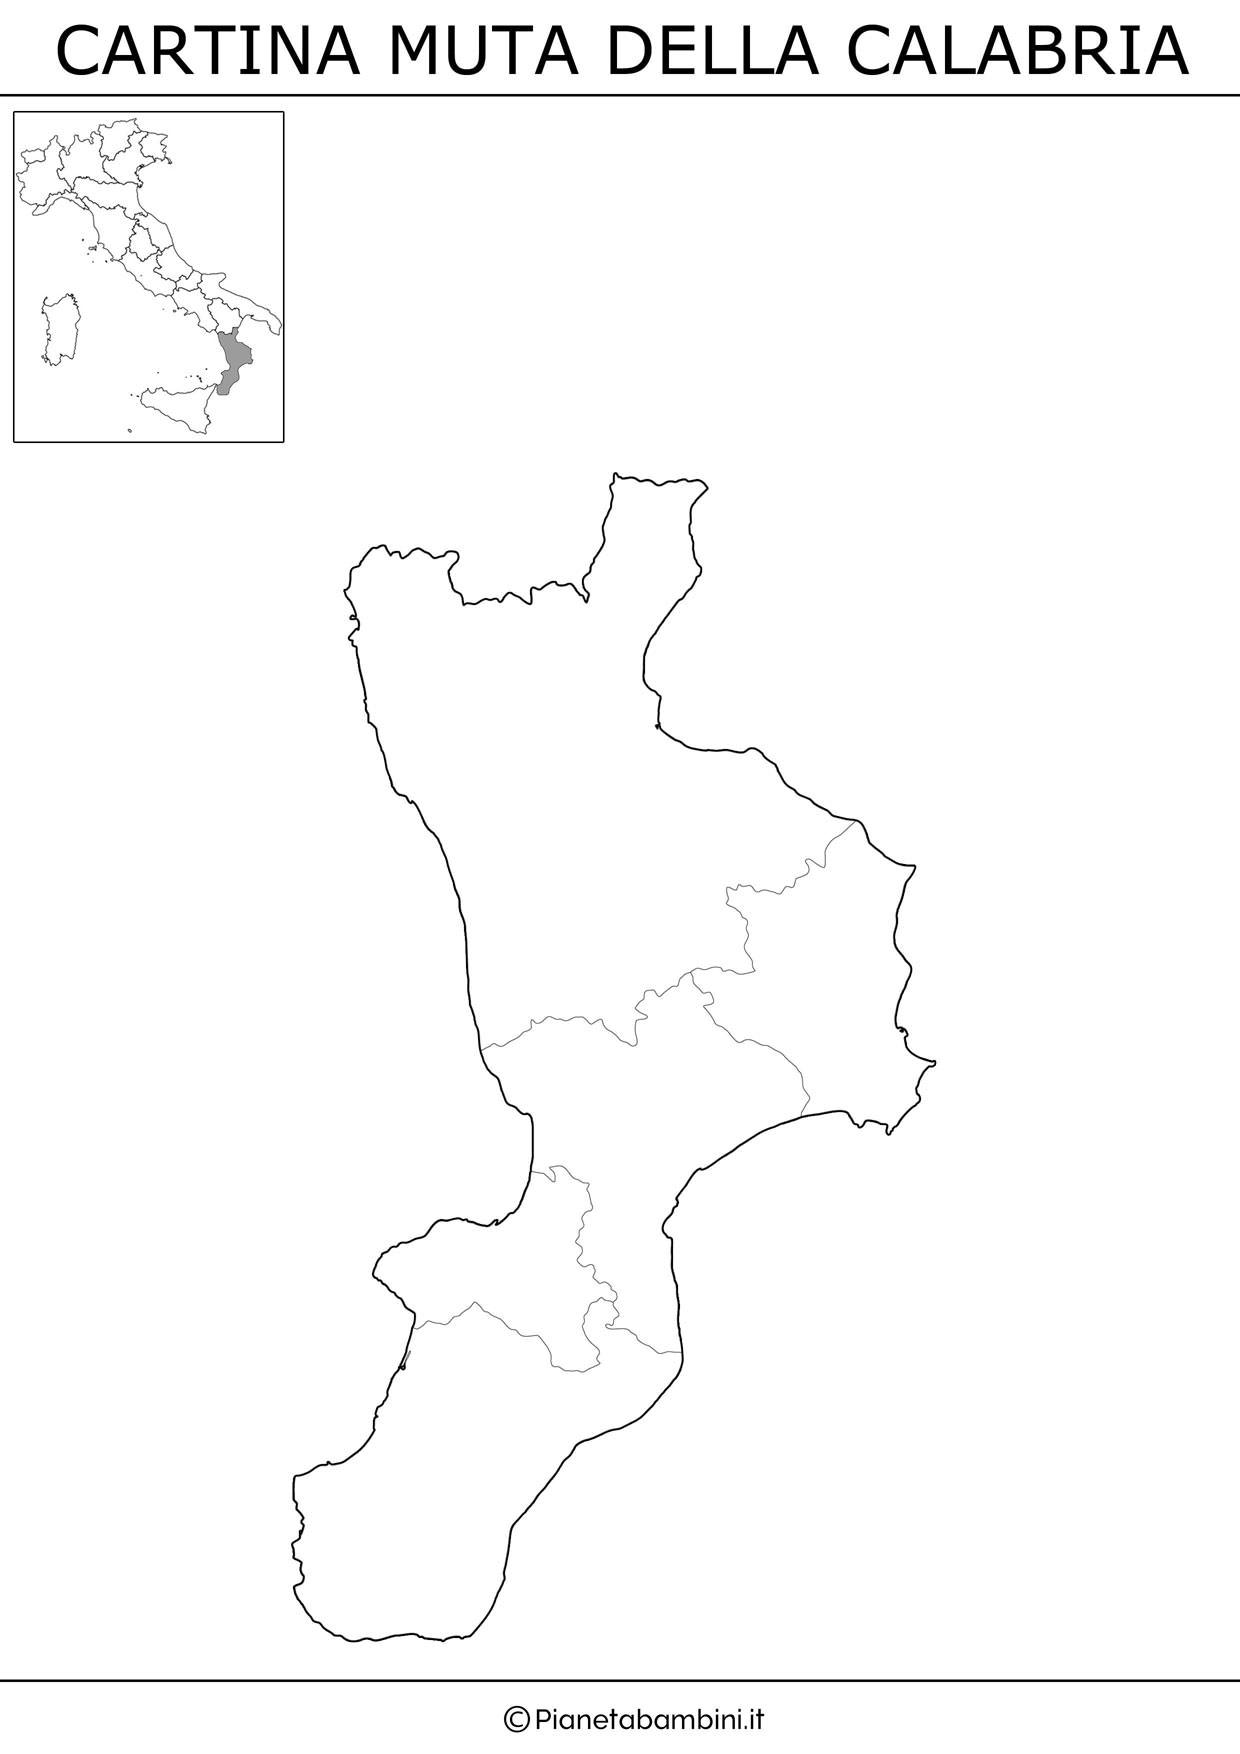 Cartina muta della Calabria da stampare gratis